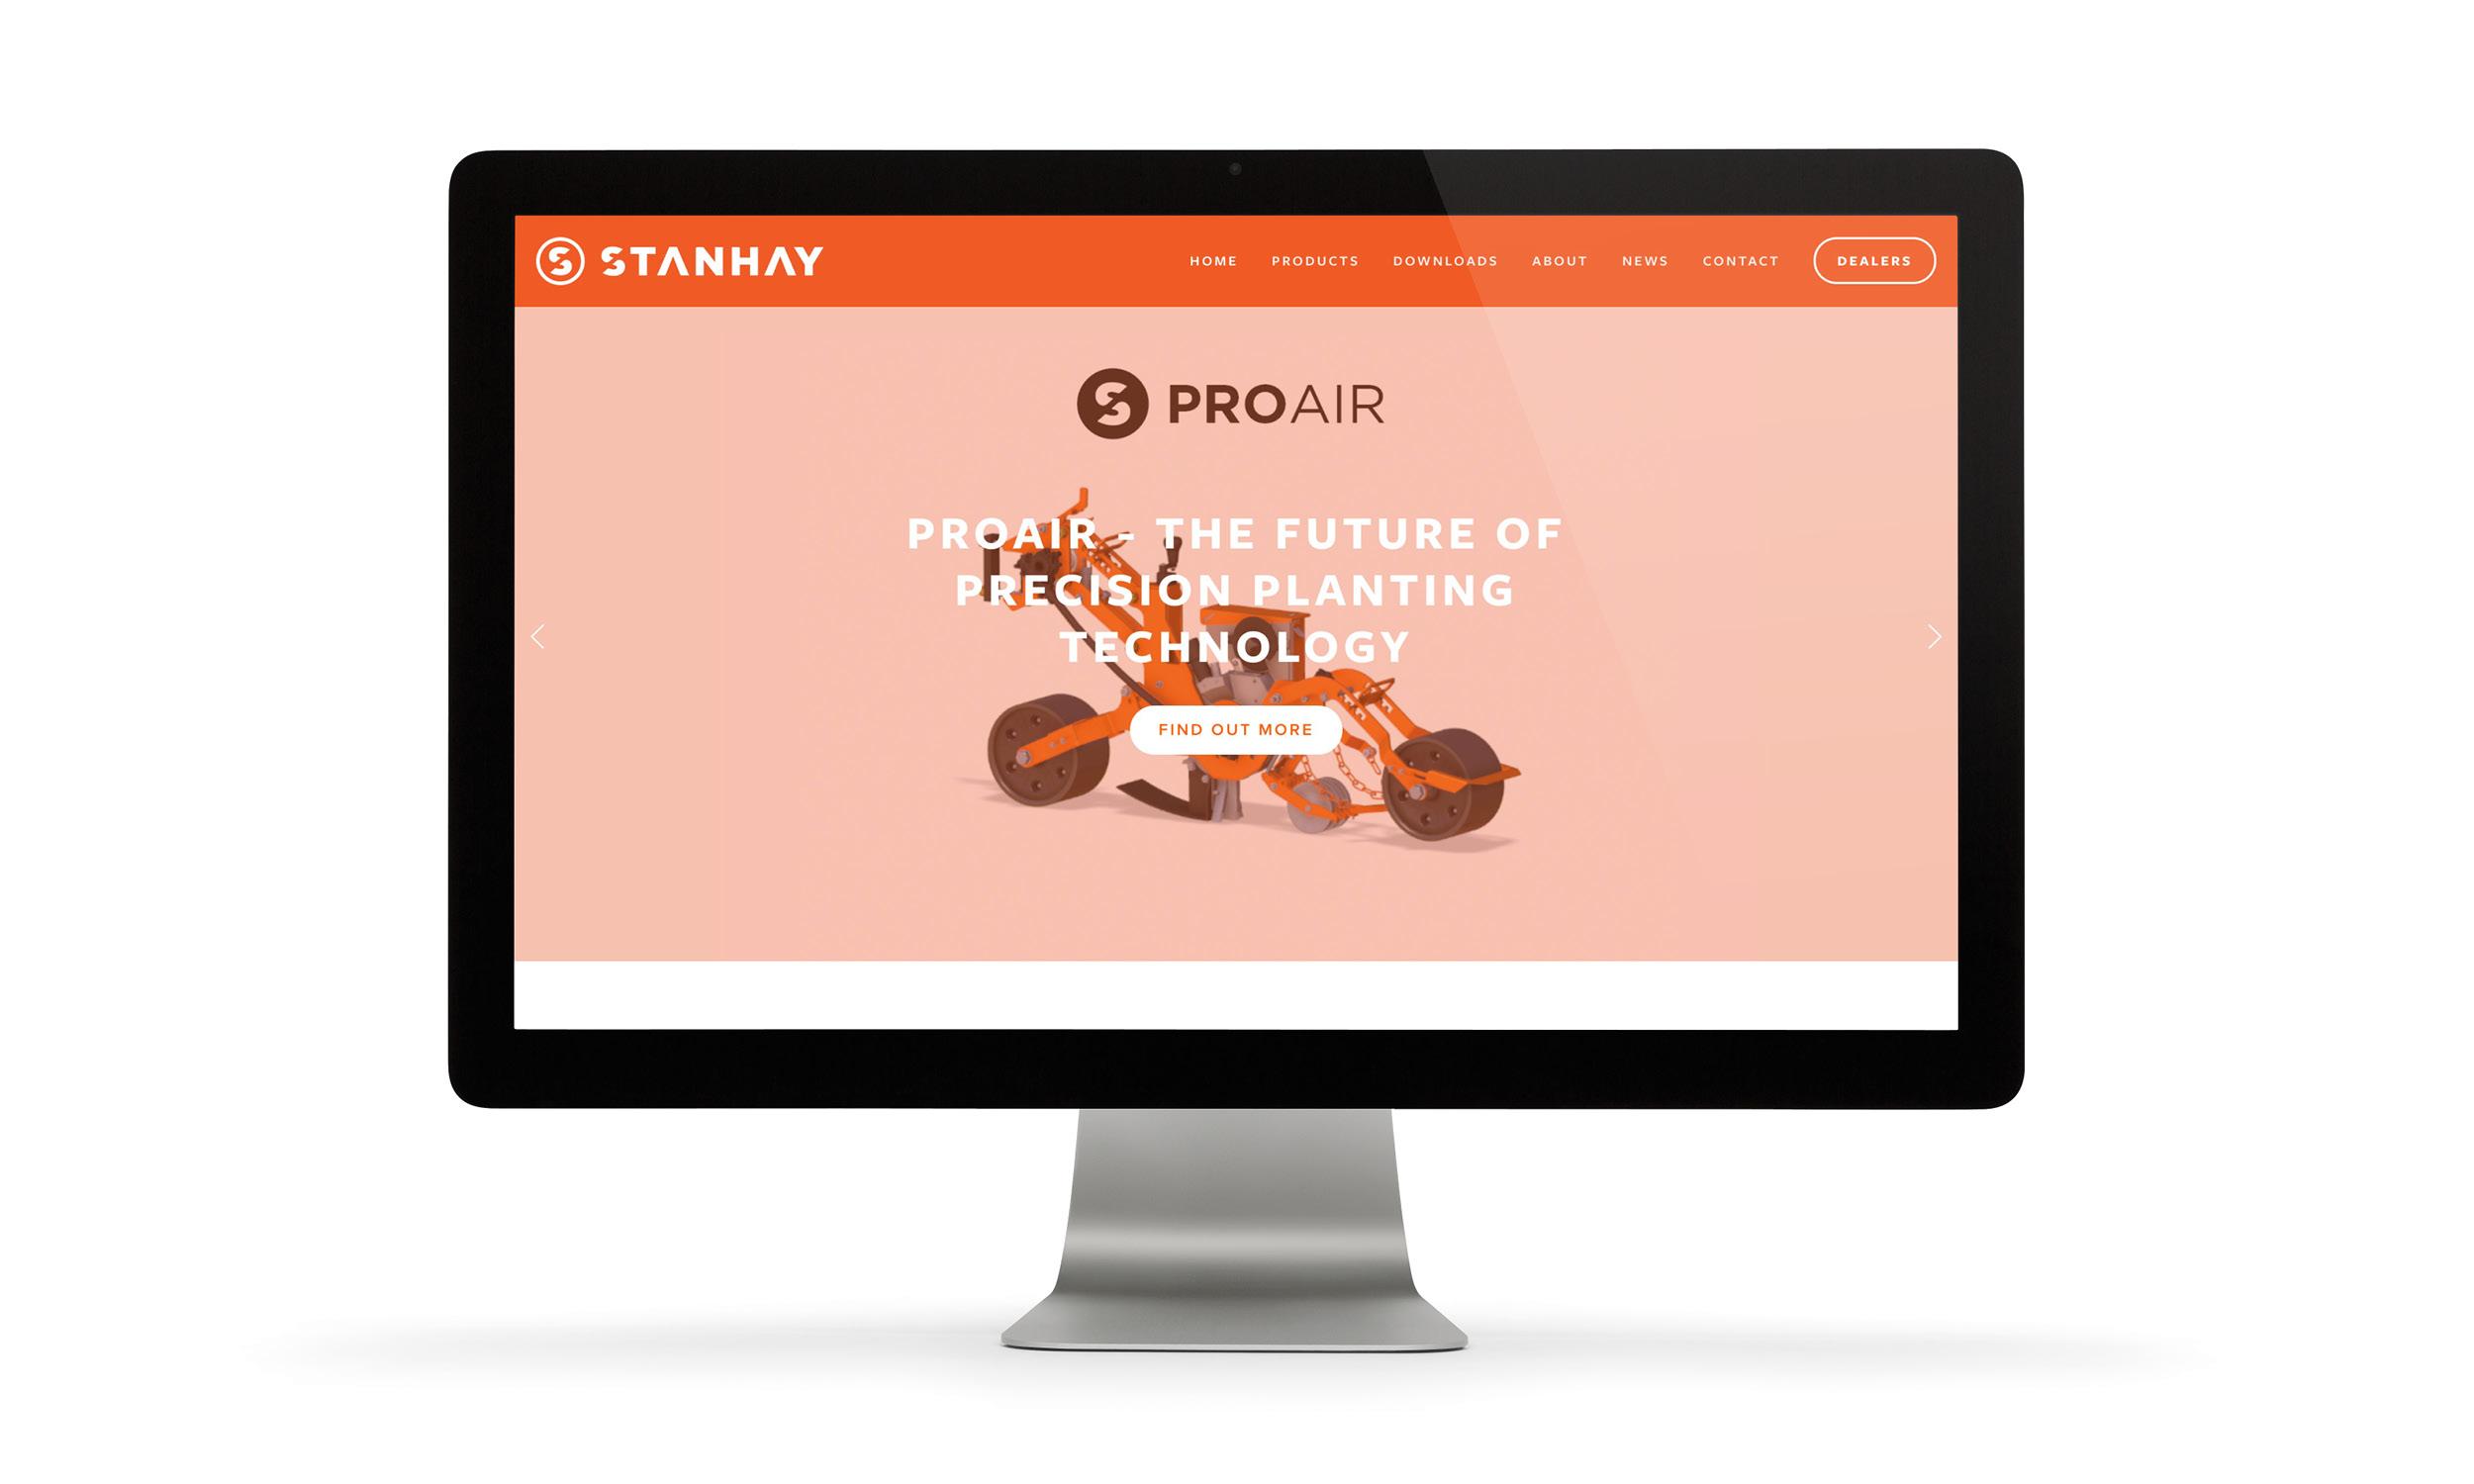 Stanhay-website-Design.jpg